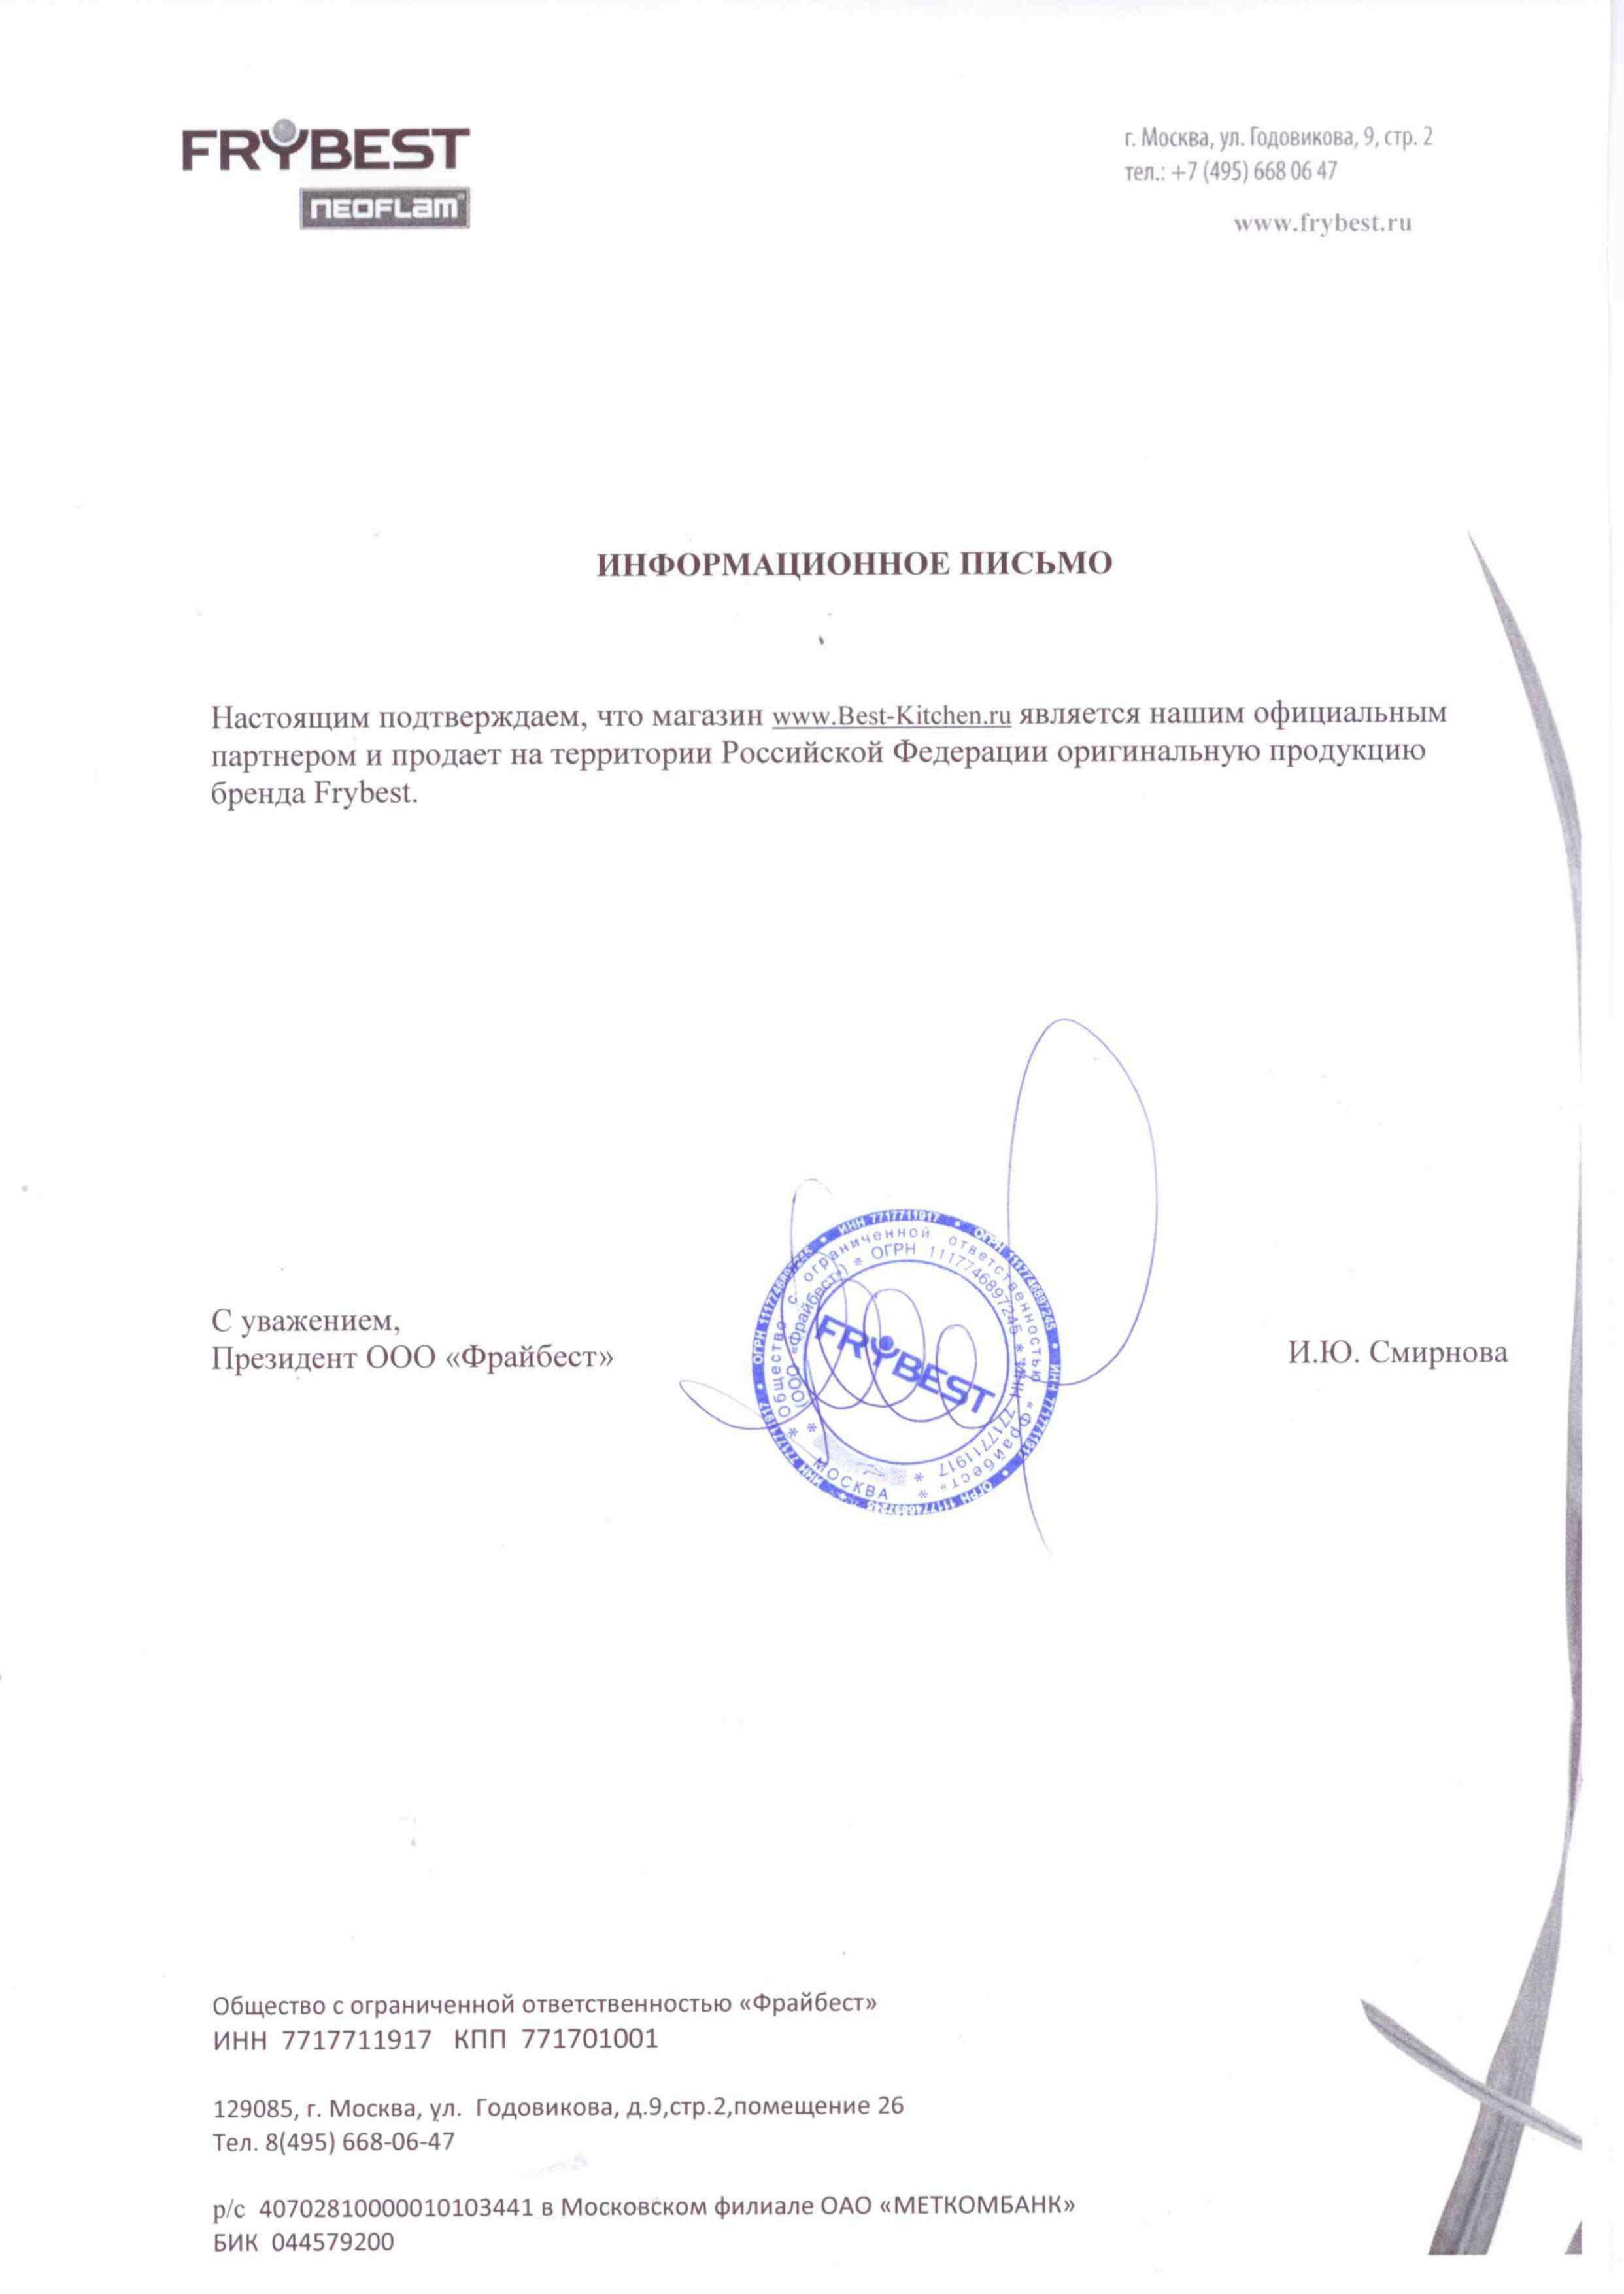 Письмо_Frybest.jpg